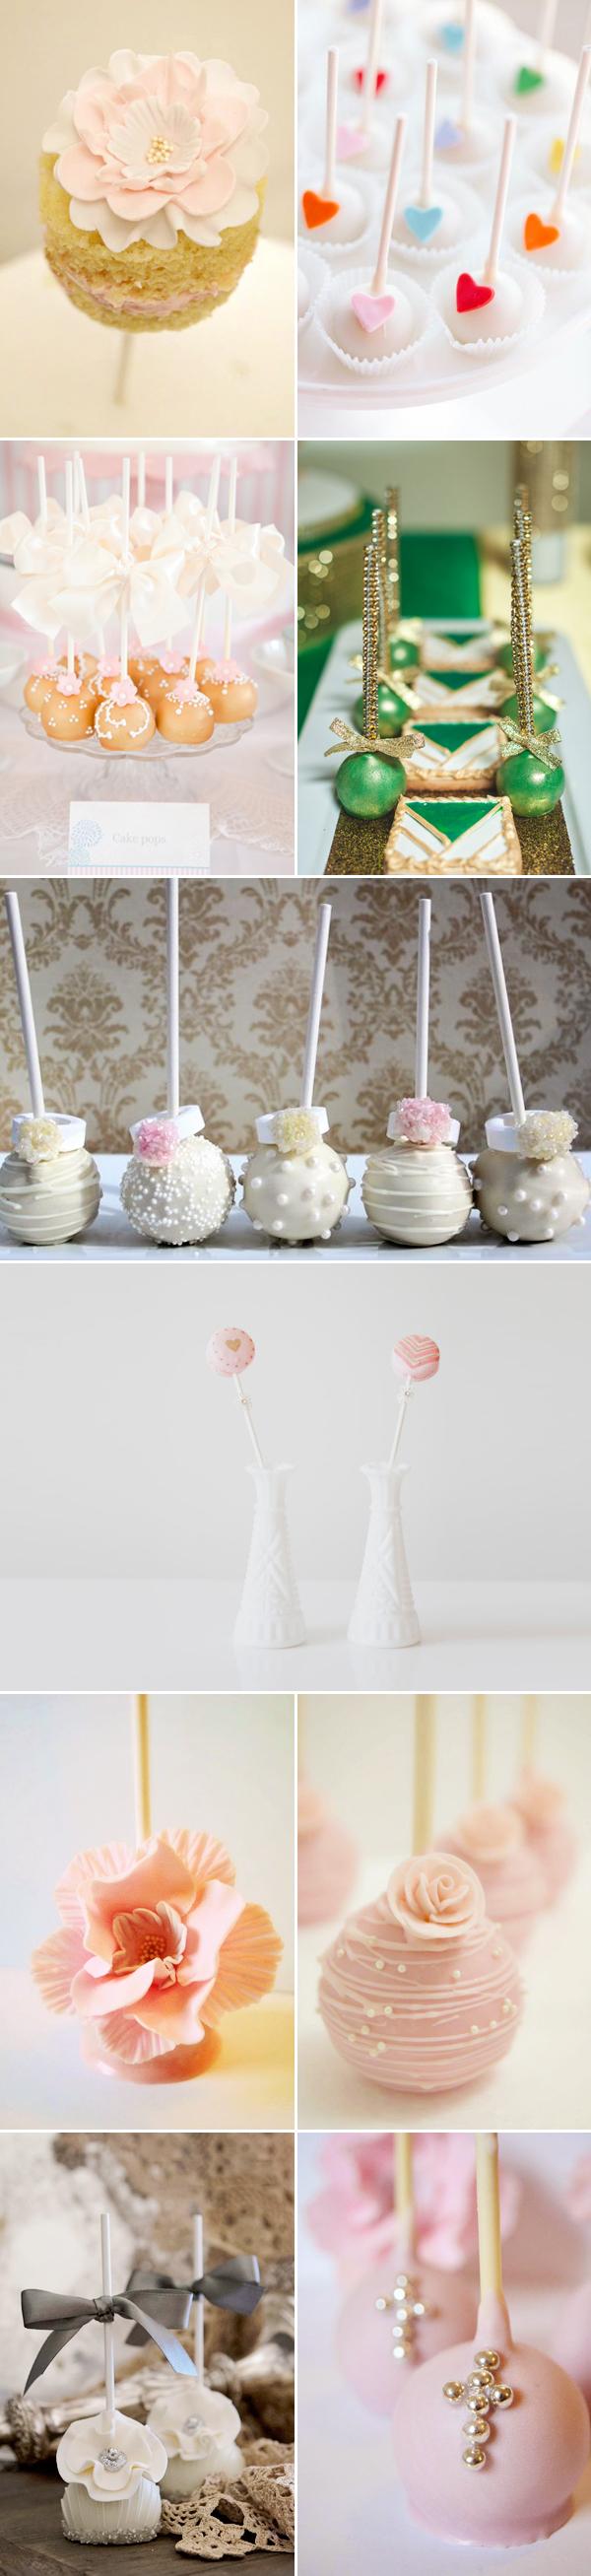 cakepop02-elegant